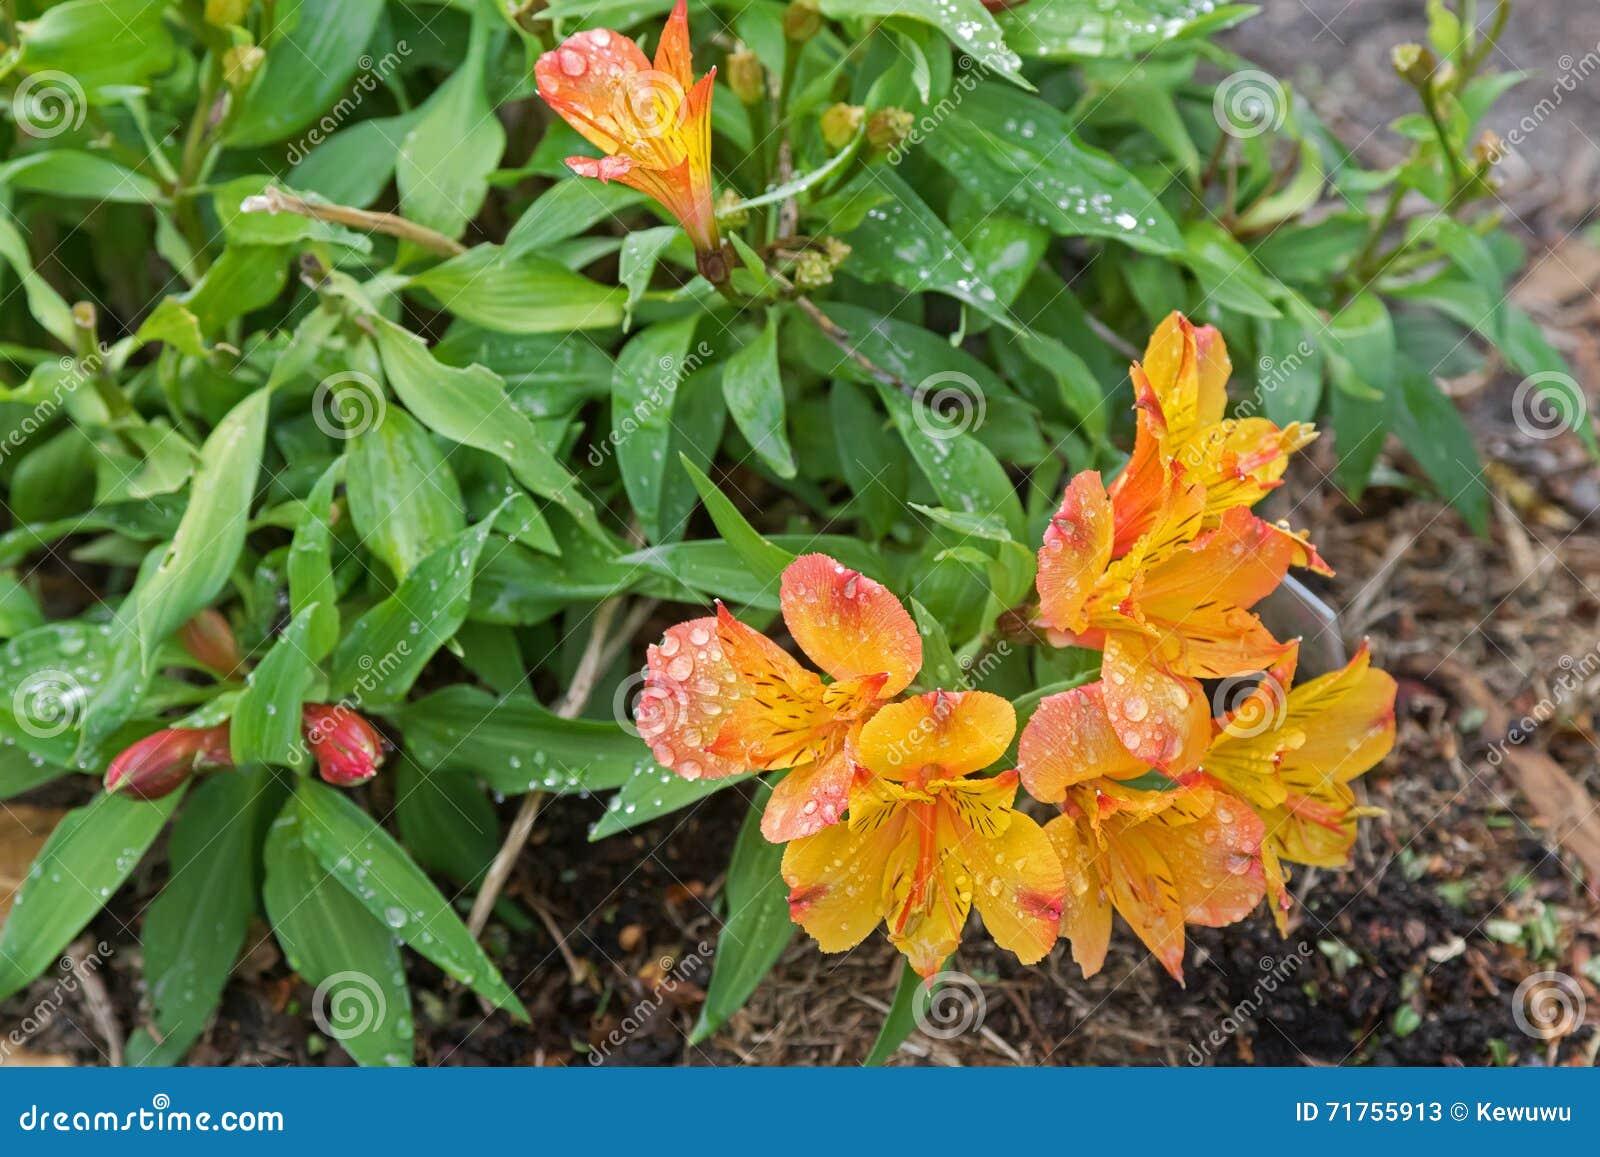 Το Alstroemeria ανθίζει (περουβιανός κρίνος, ή κρίνος του Incas) μέσα ή